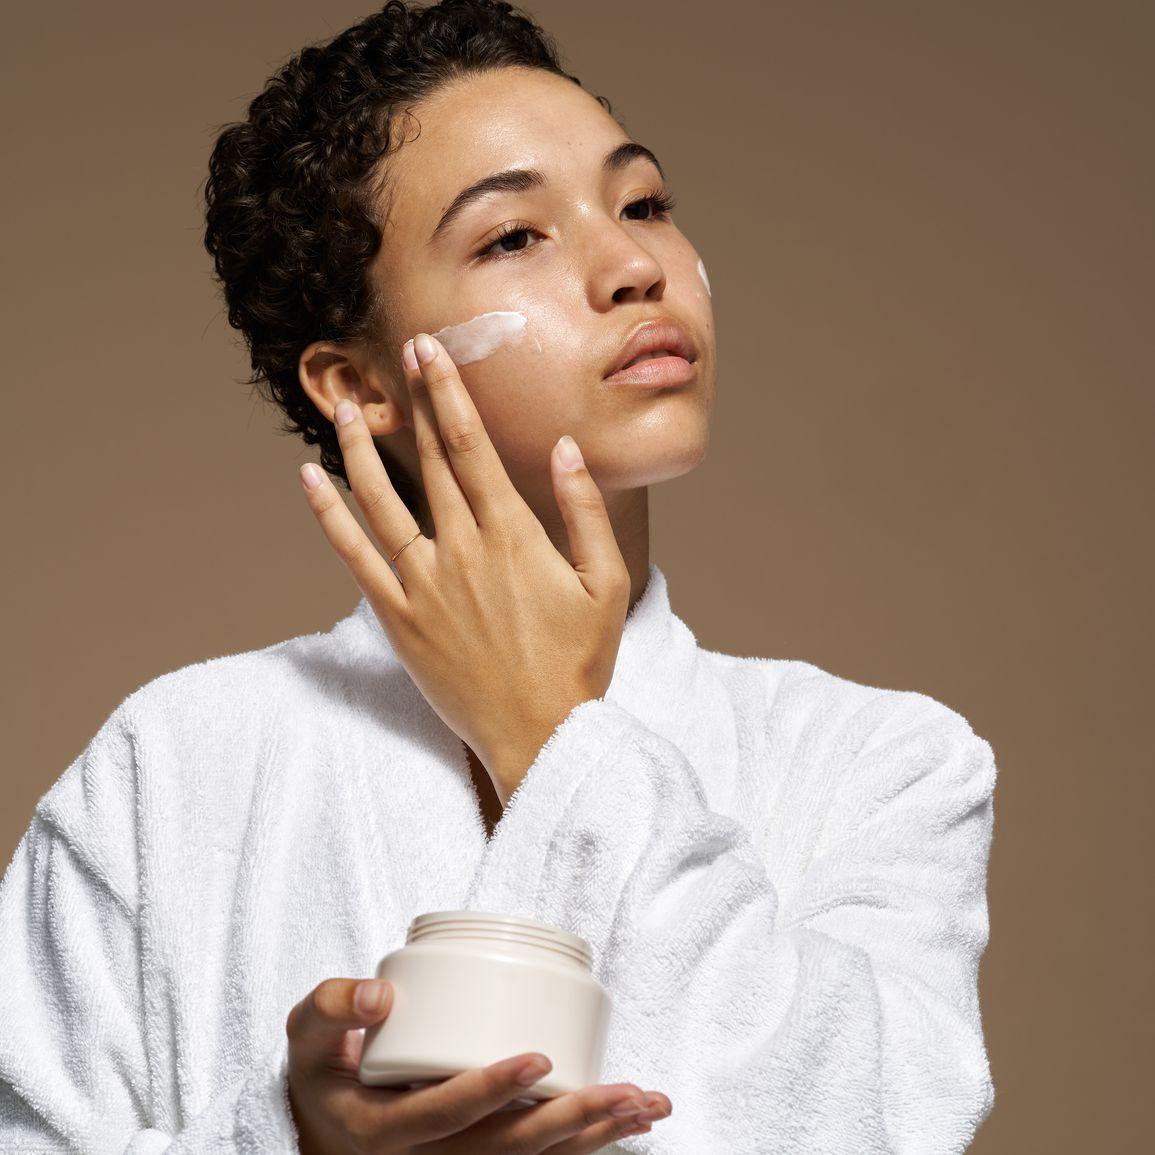 woman face cream